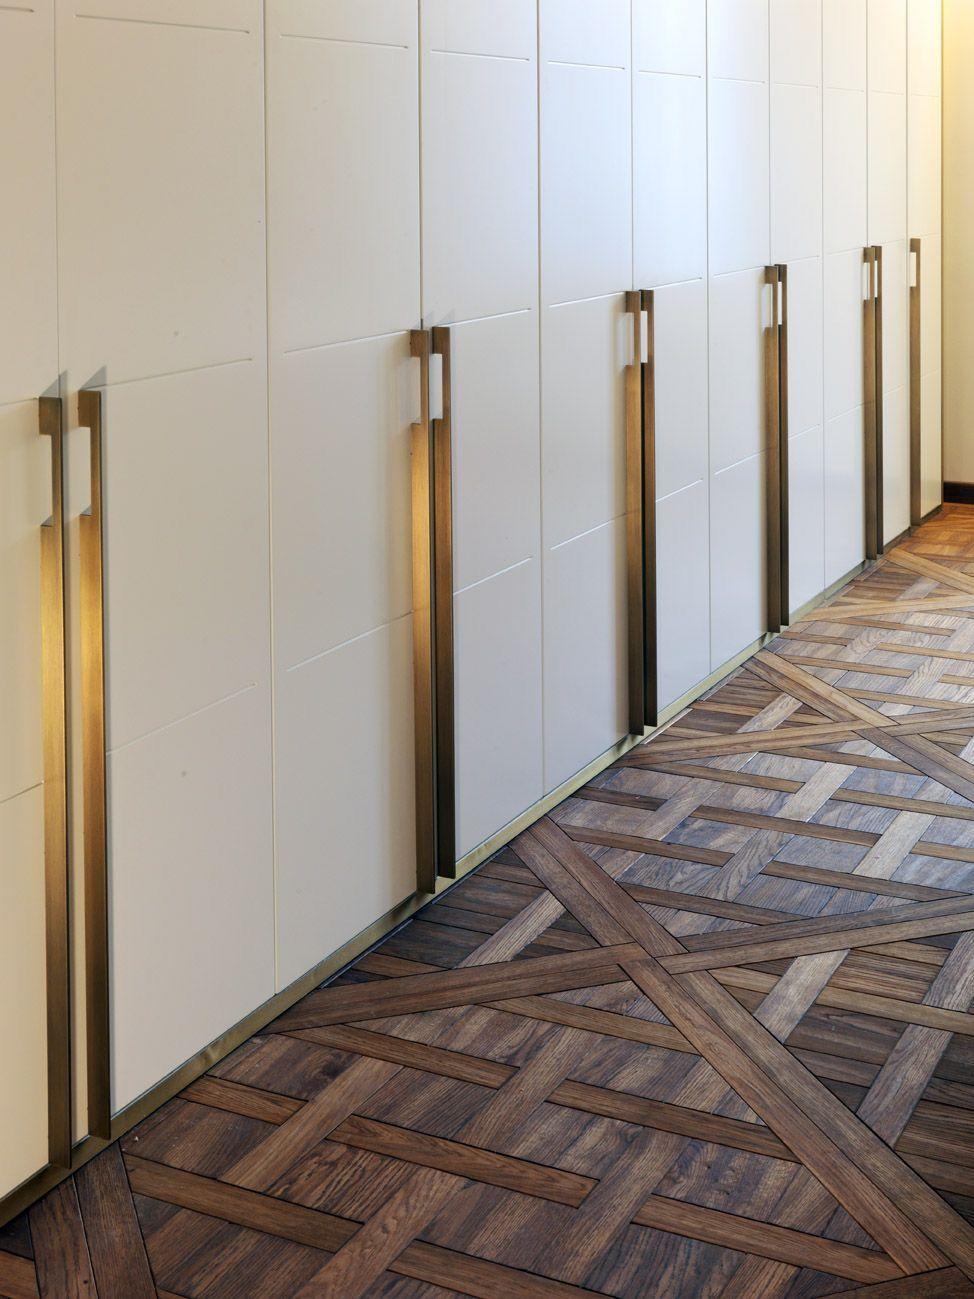 Poignee Unique Flooring